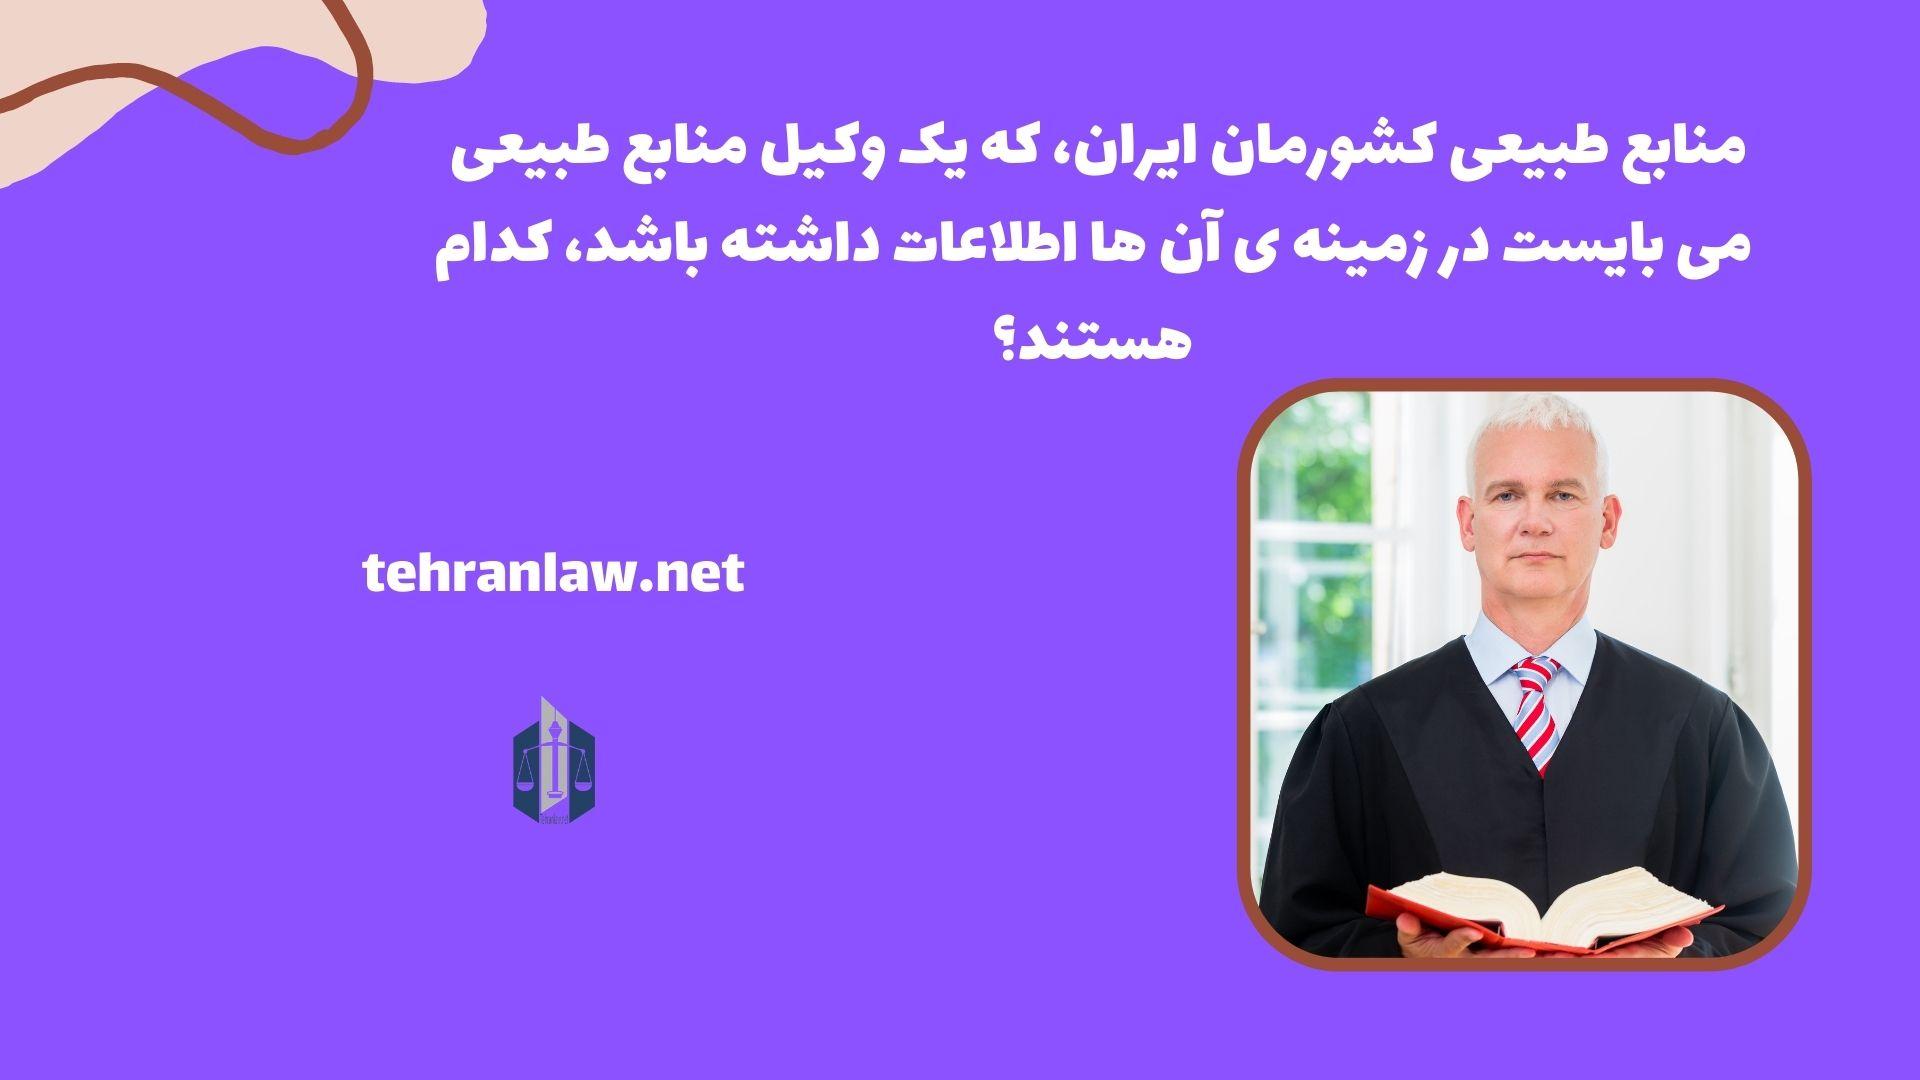 منابع طبیعی کشورمان ایران، که یک وکیل منابع طبیعی می بایست در زمینه ی آن ها اطلاعات داشته باشد، کدام هستند؟